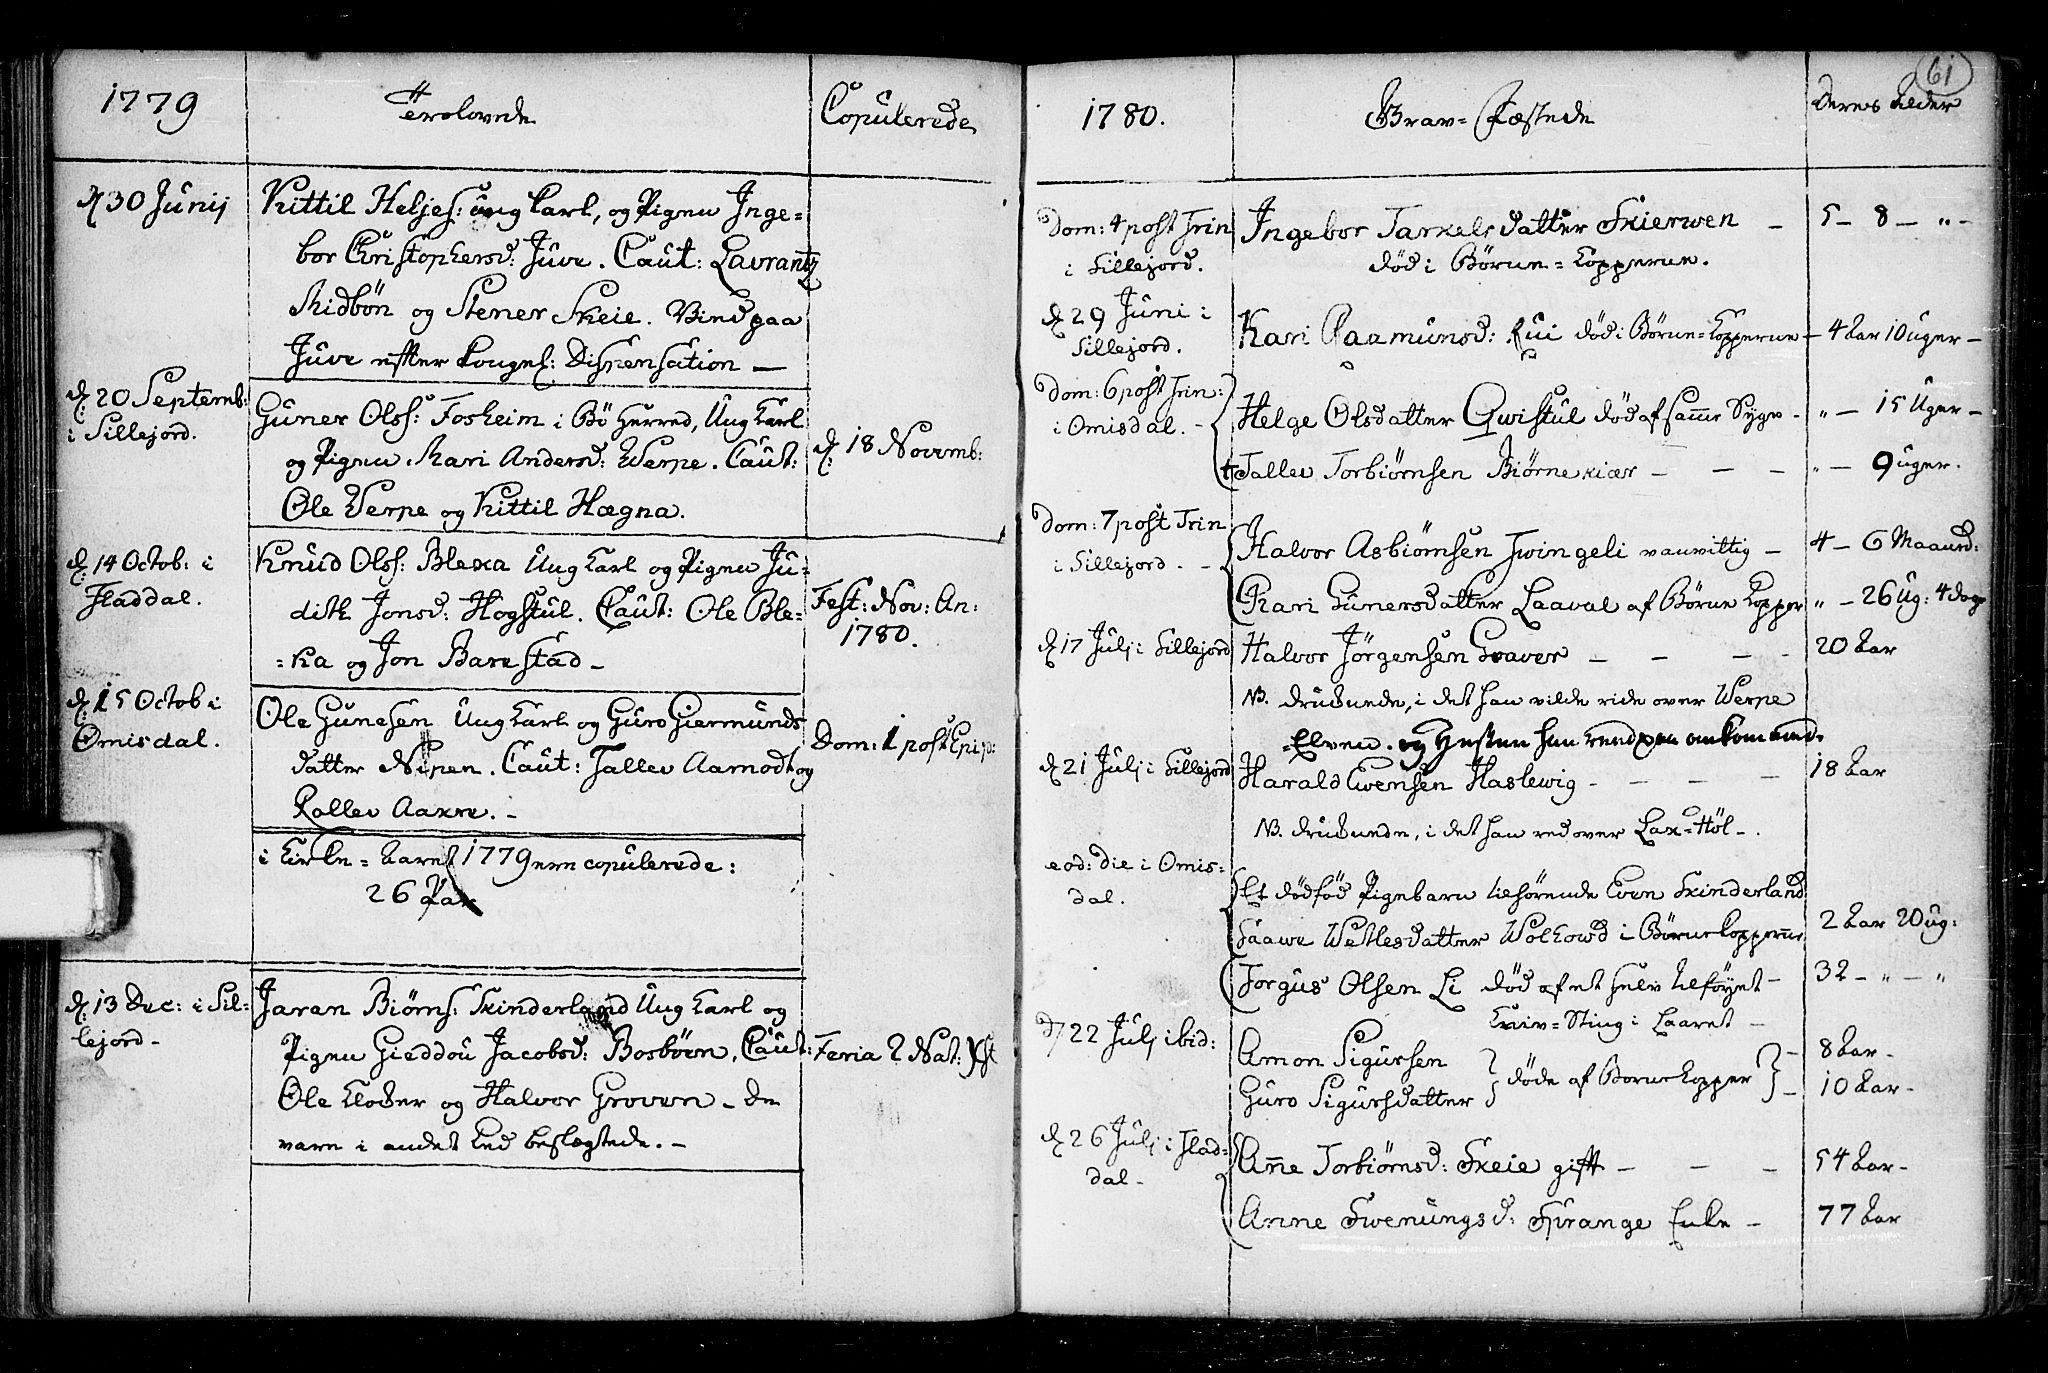 SAKO, Seljord kirkebøker, F/Fa/L0008: Ministerialbok nr. I 8, 1755-1814, s. 61